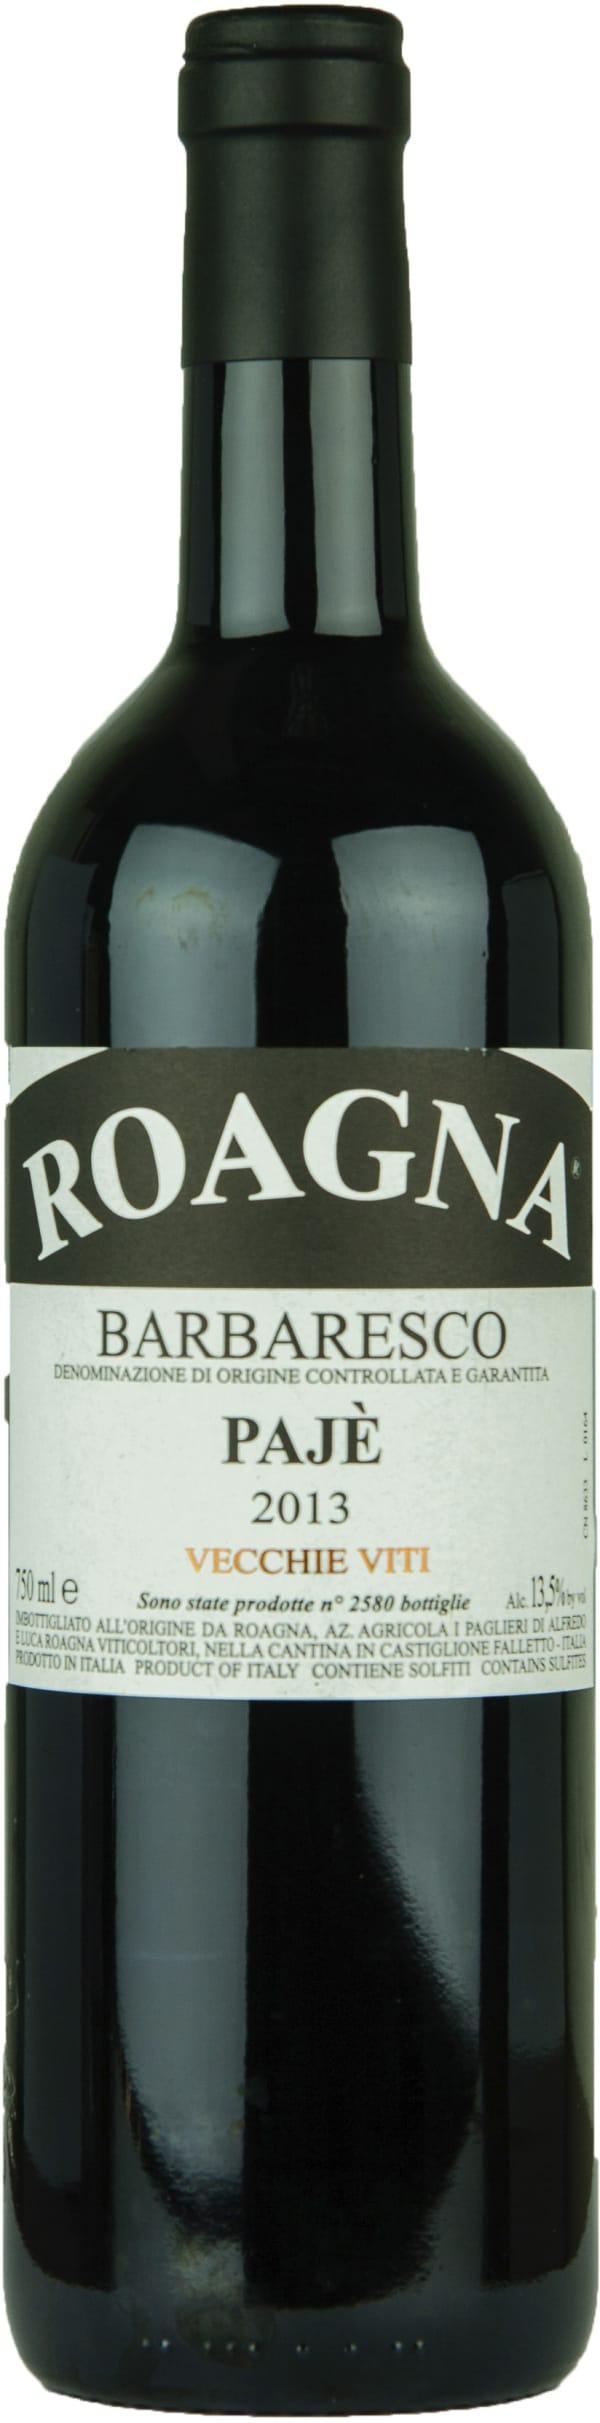 Roagna Barbaresco Pajè Vecchie Viti 2013